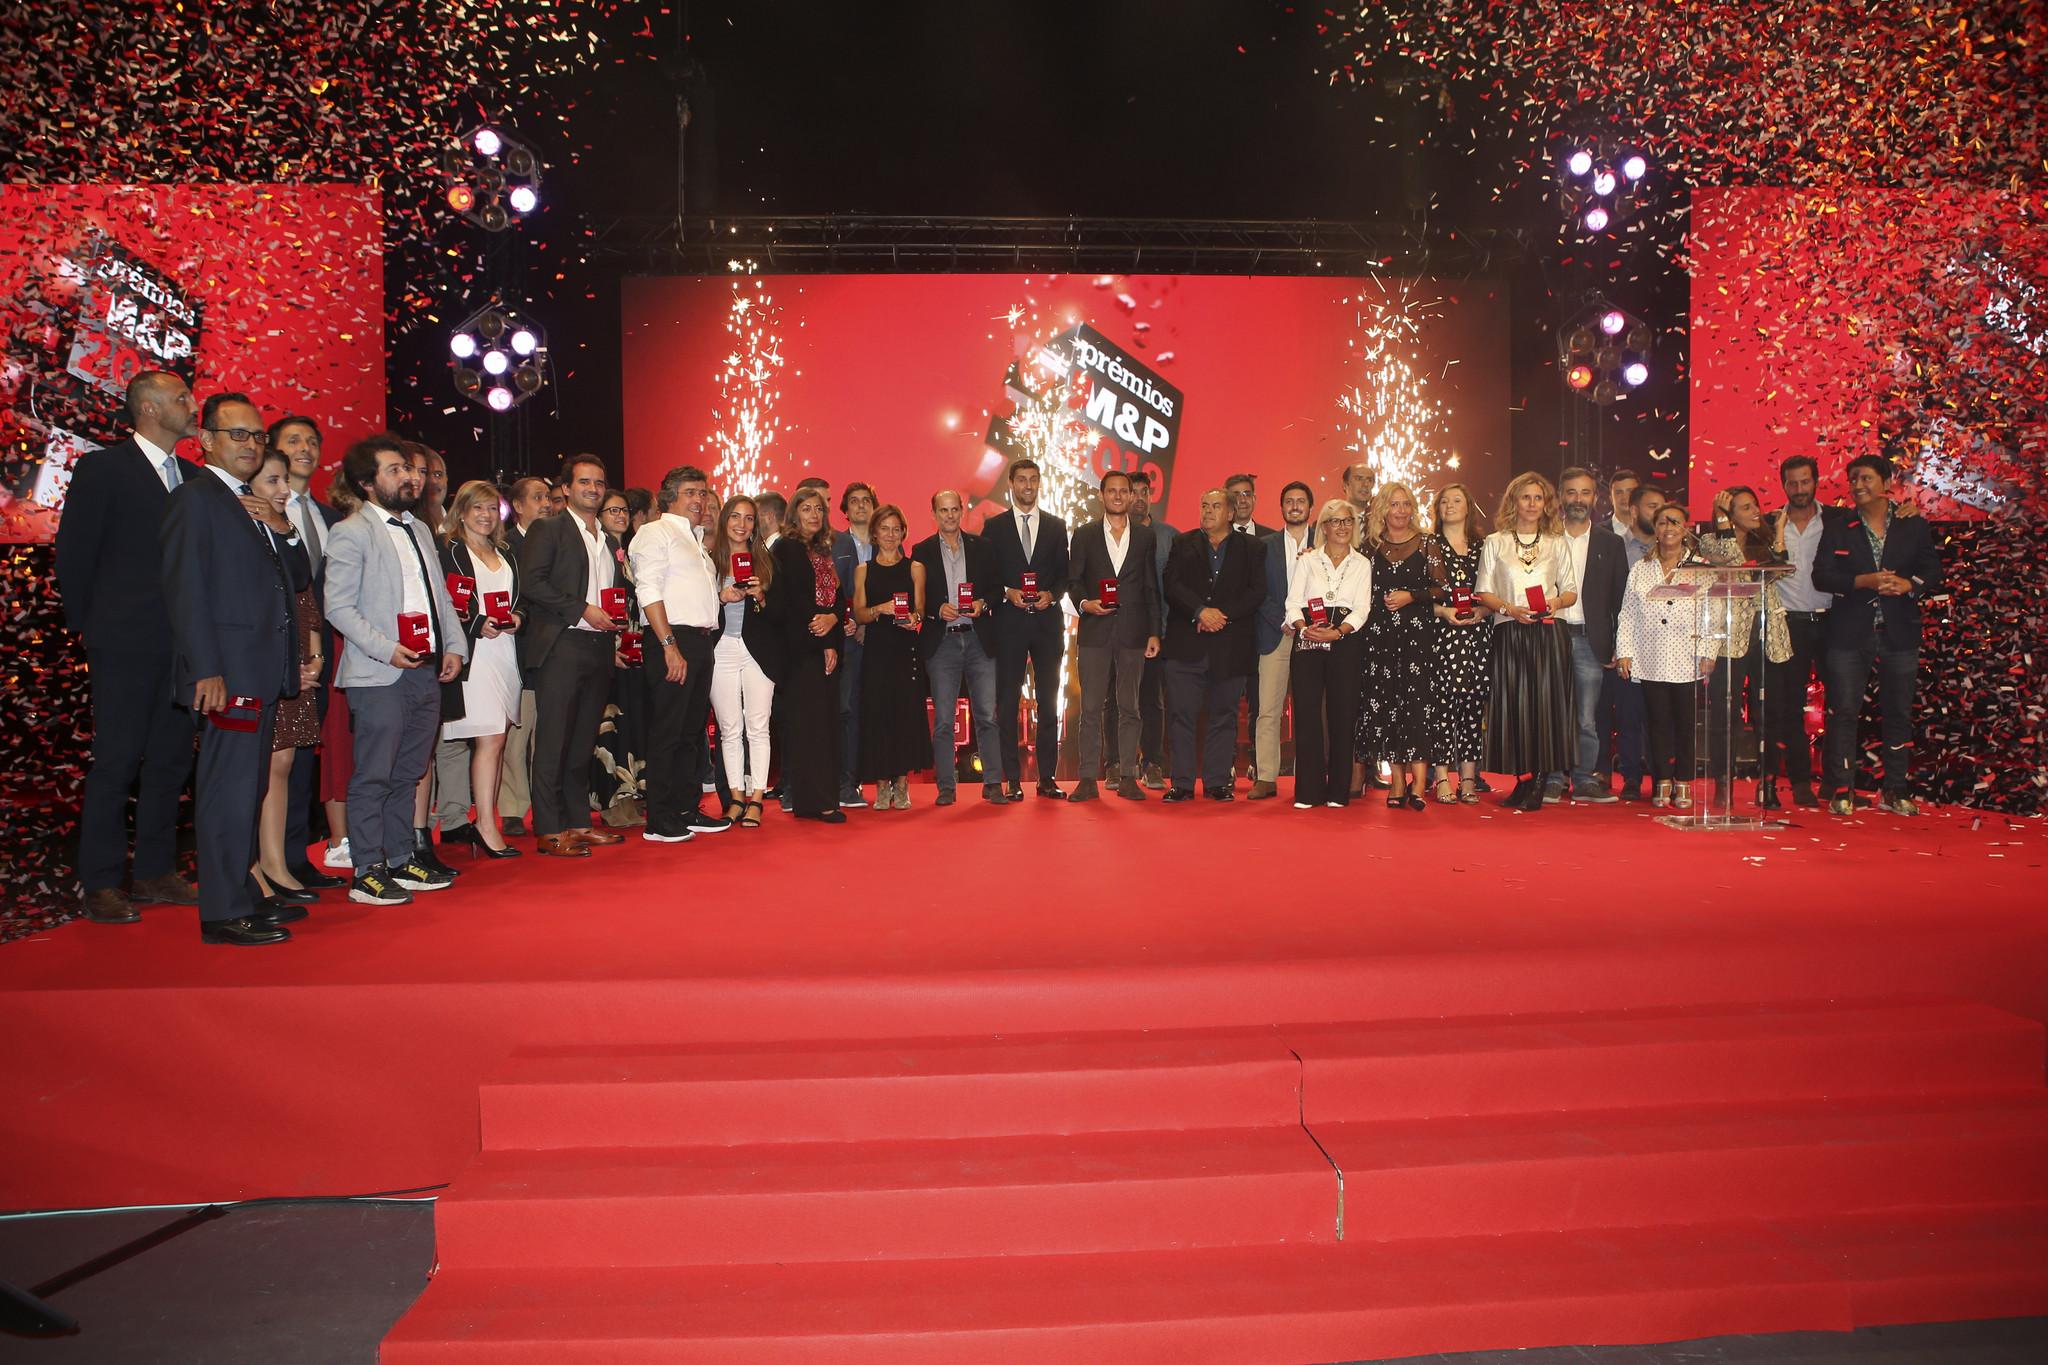 Premios Meios & Publicidade 03-10-19 PJF-38.jpg